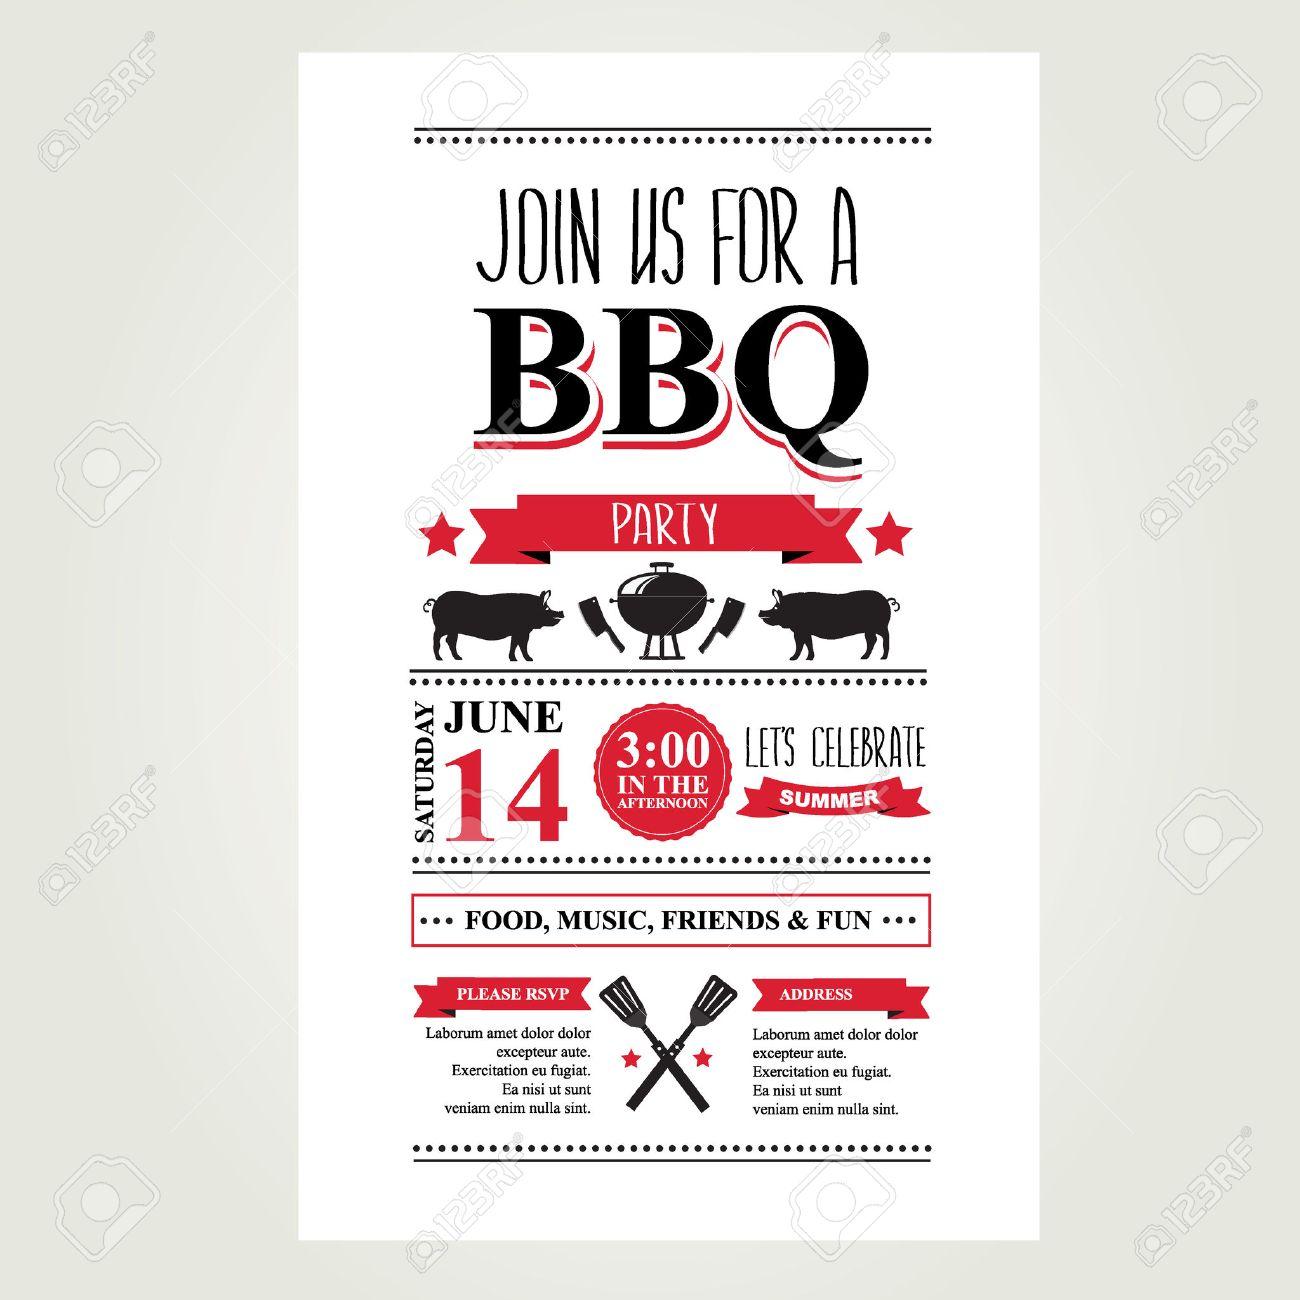 grill-party einladung bbq broschüre menü-design lizenzfrei, Einladung